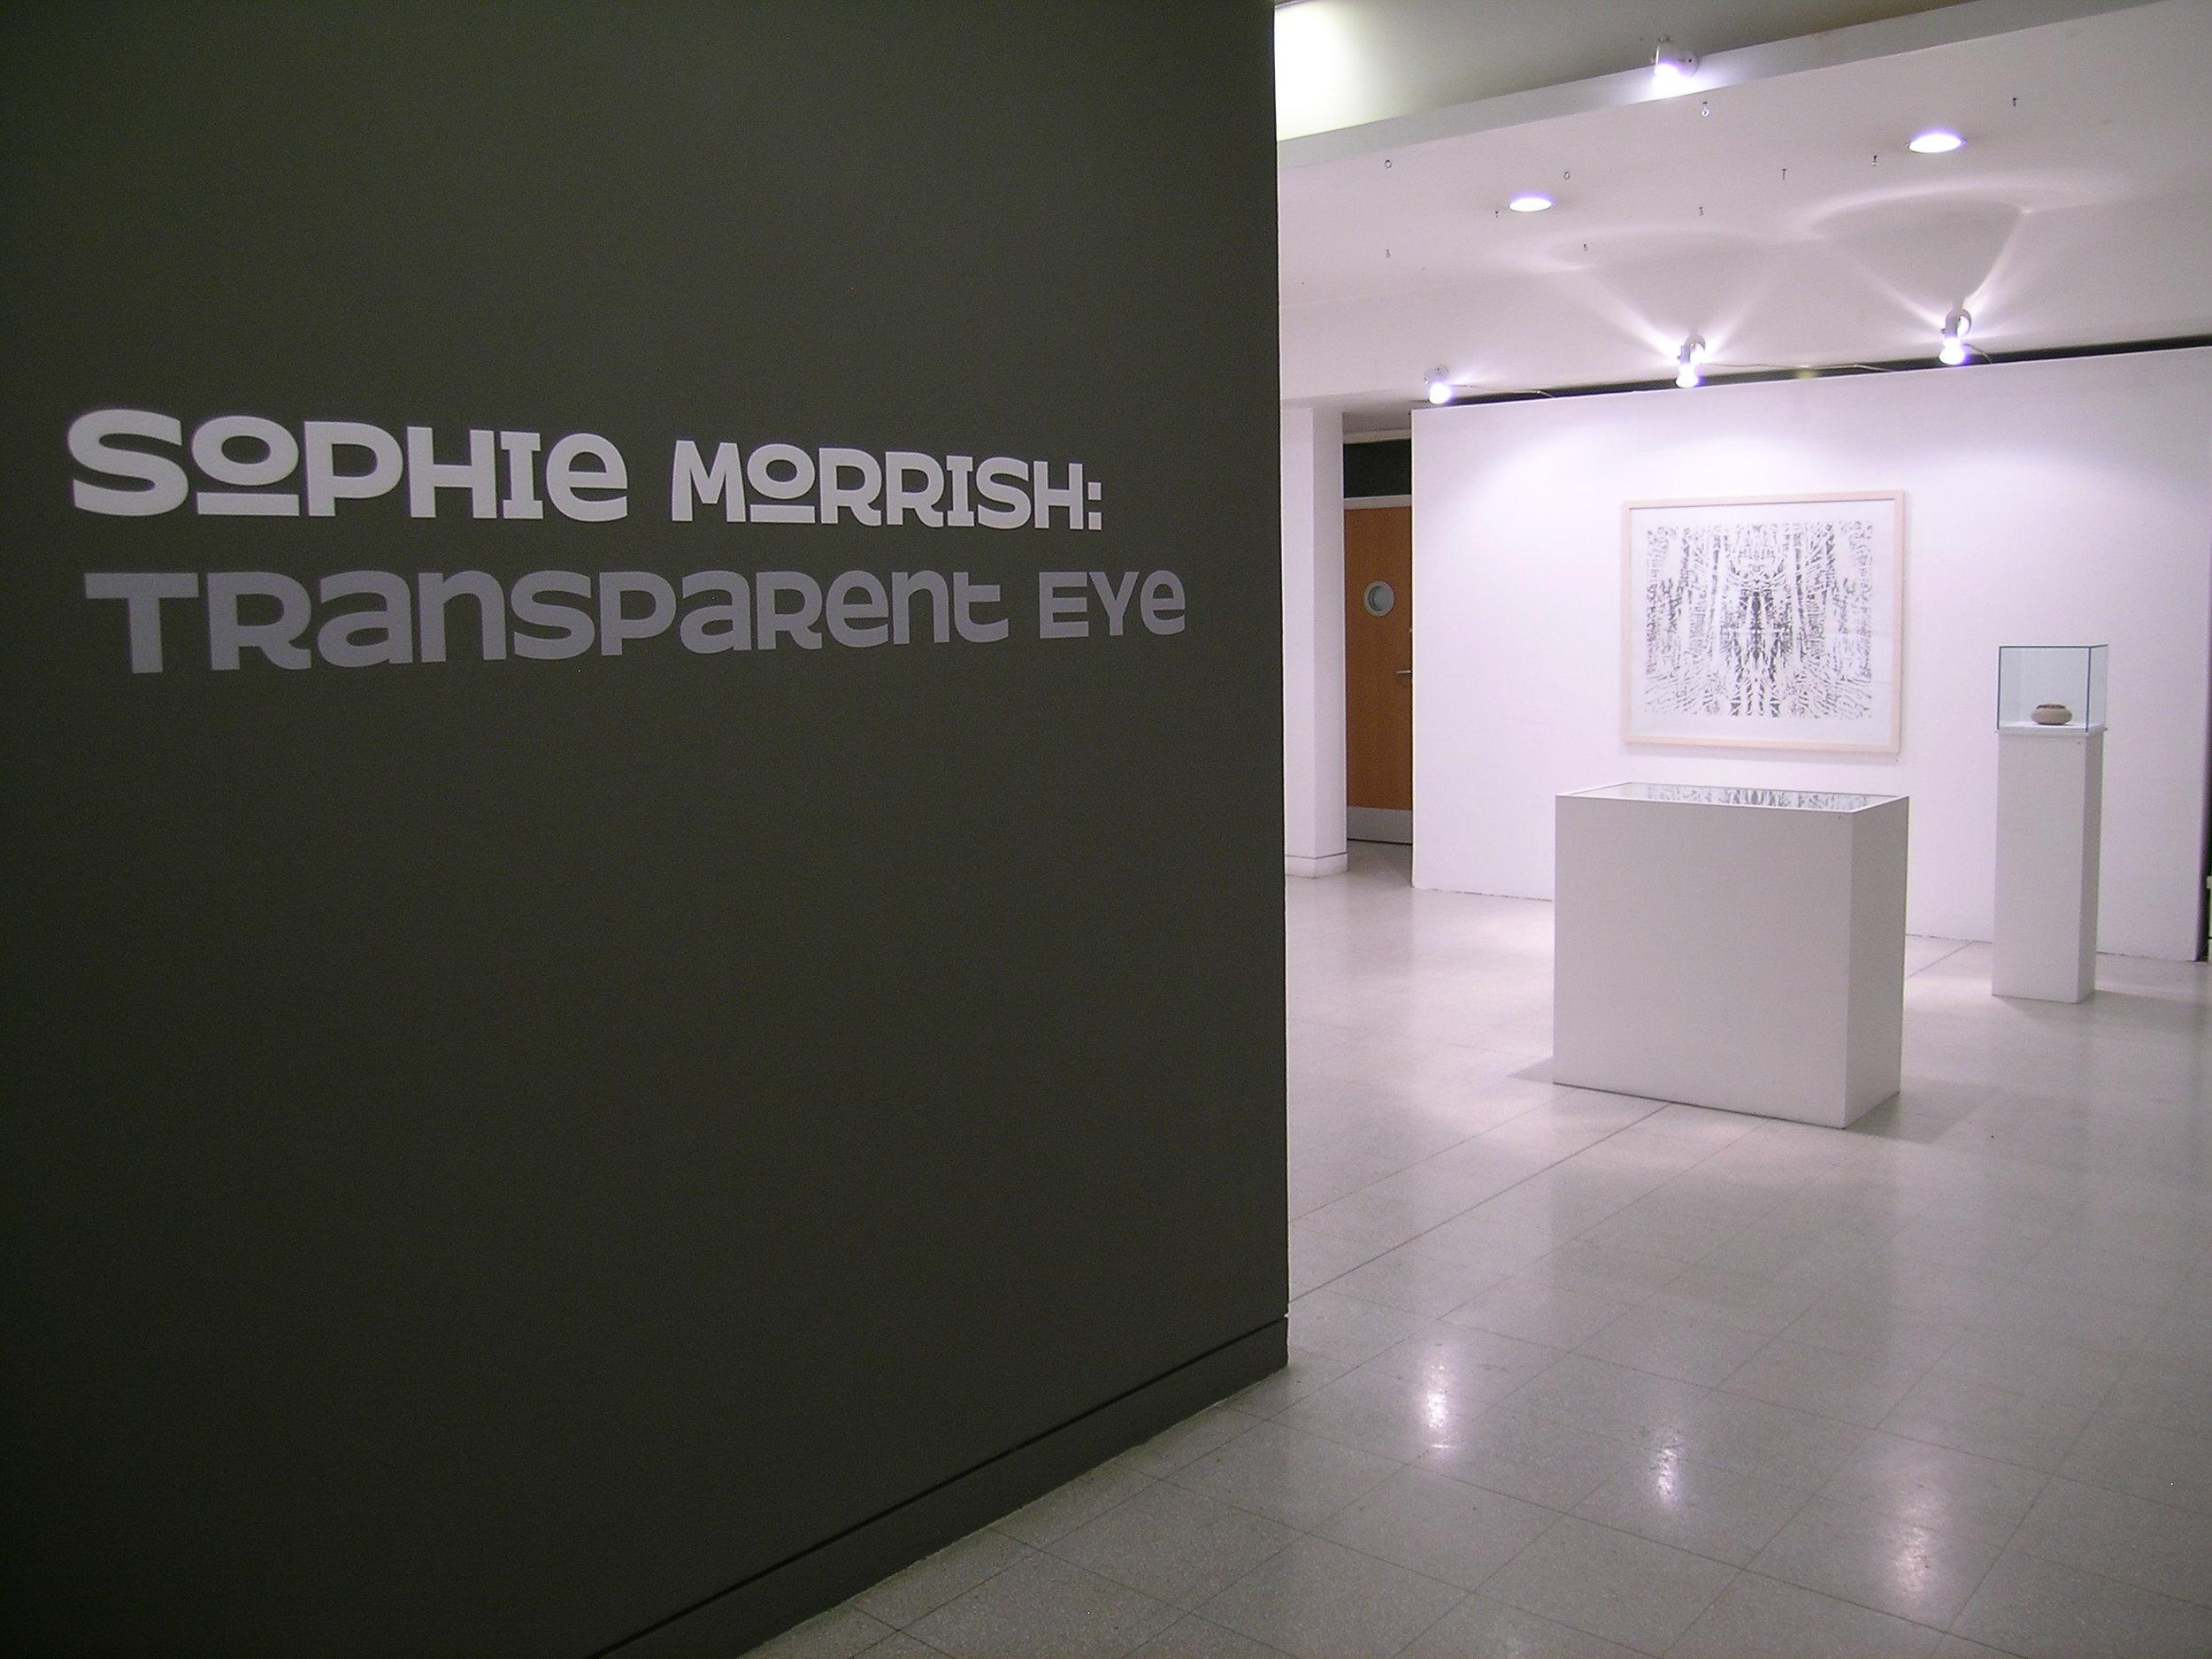 Transparent eye7.JPG